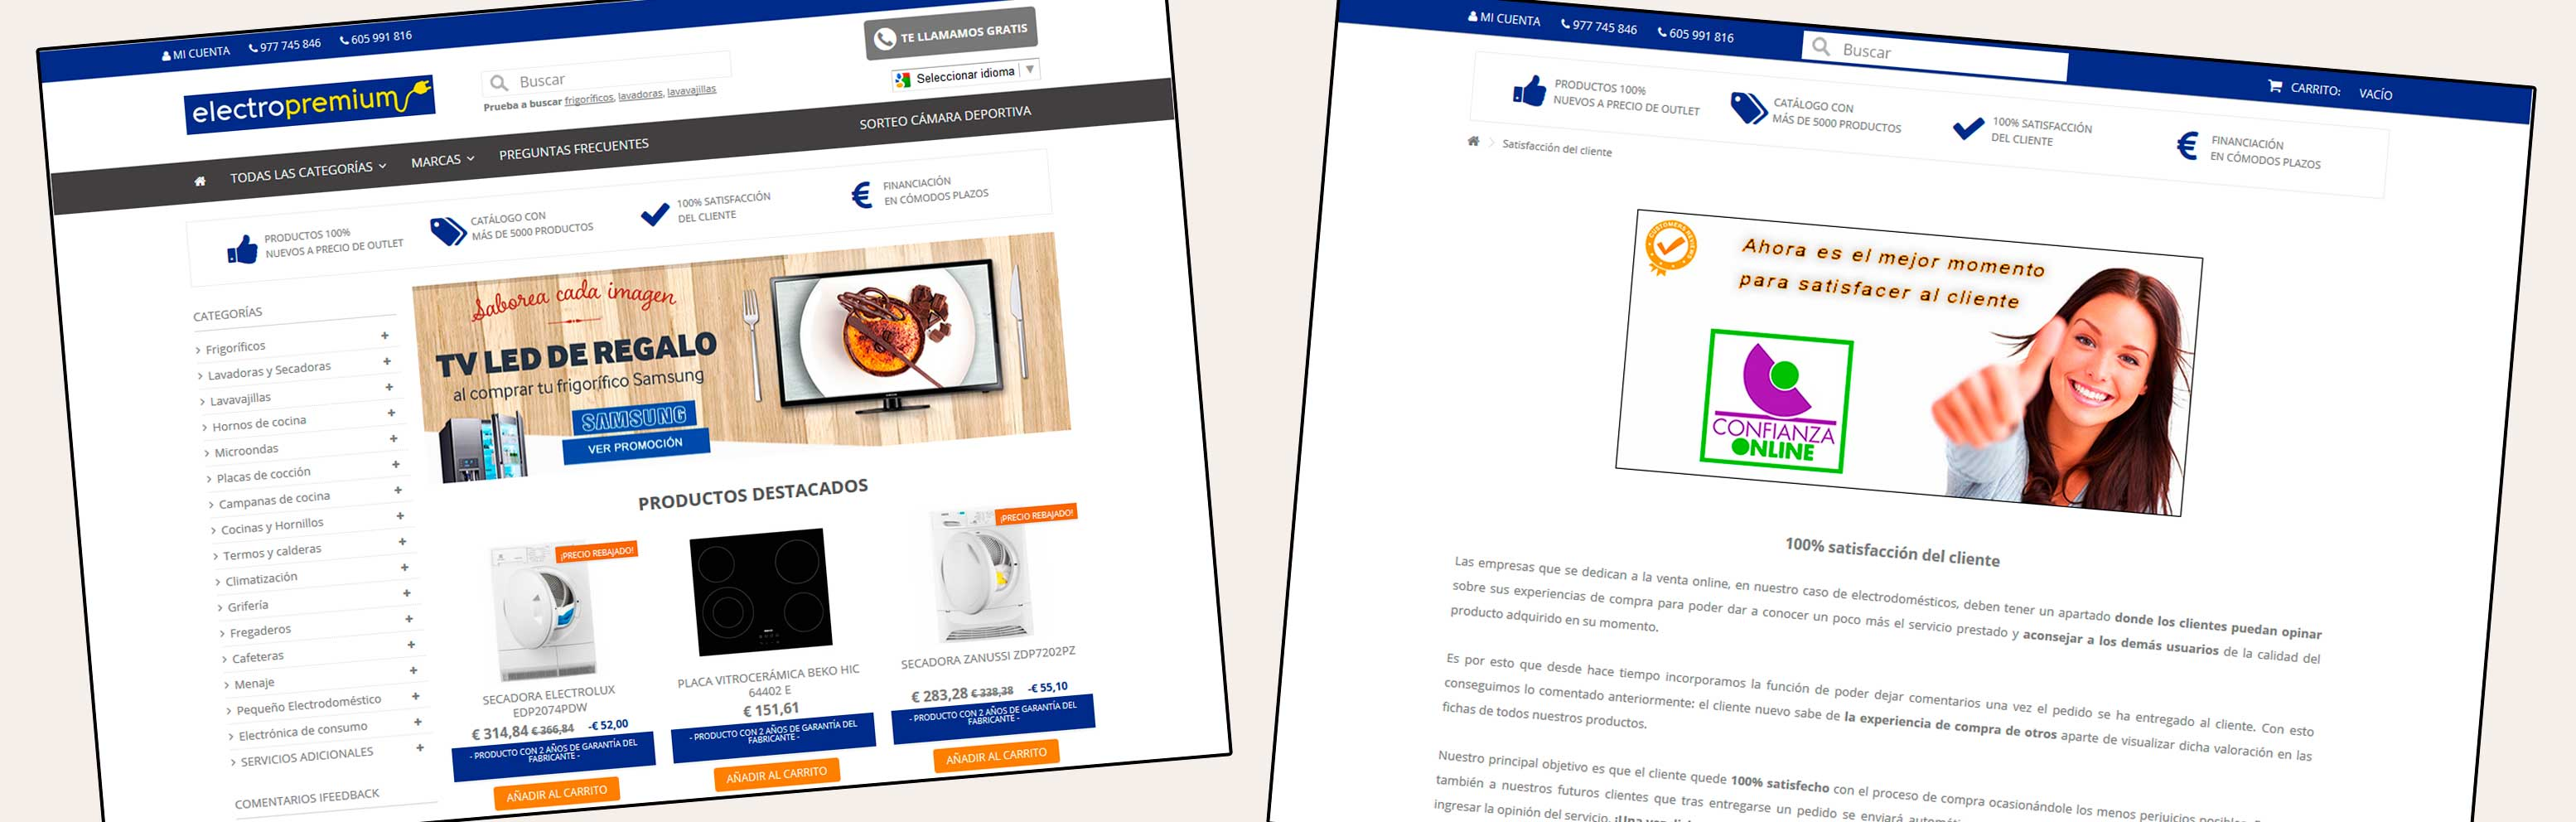 Electro Premium Blog